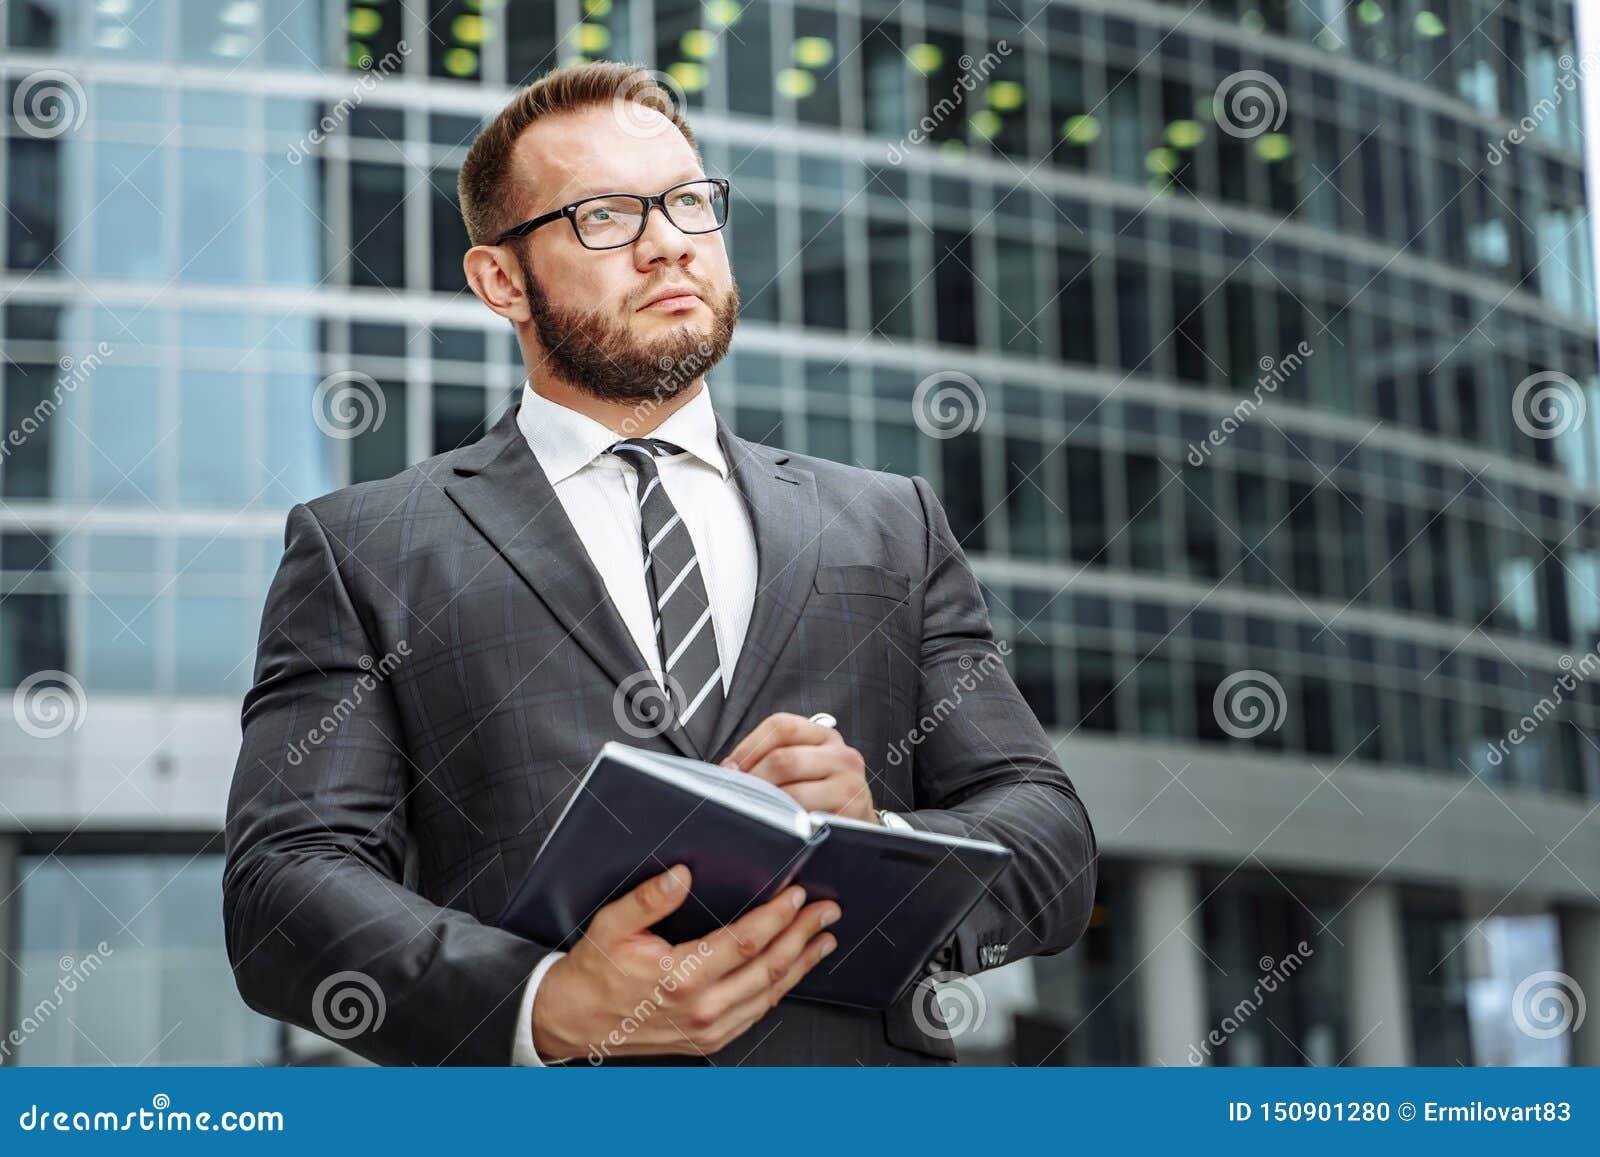 Портрет успешного бизнесмена в костюме и стекел с тетрадью в его руках на предпосылке делового центра